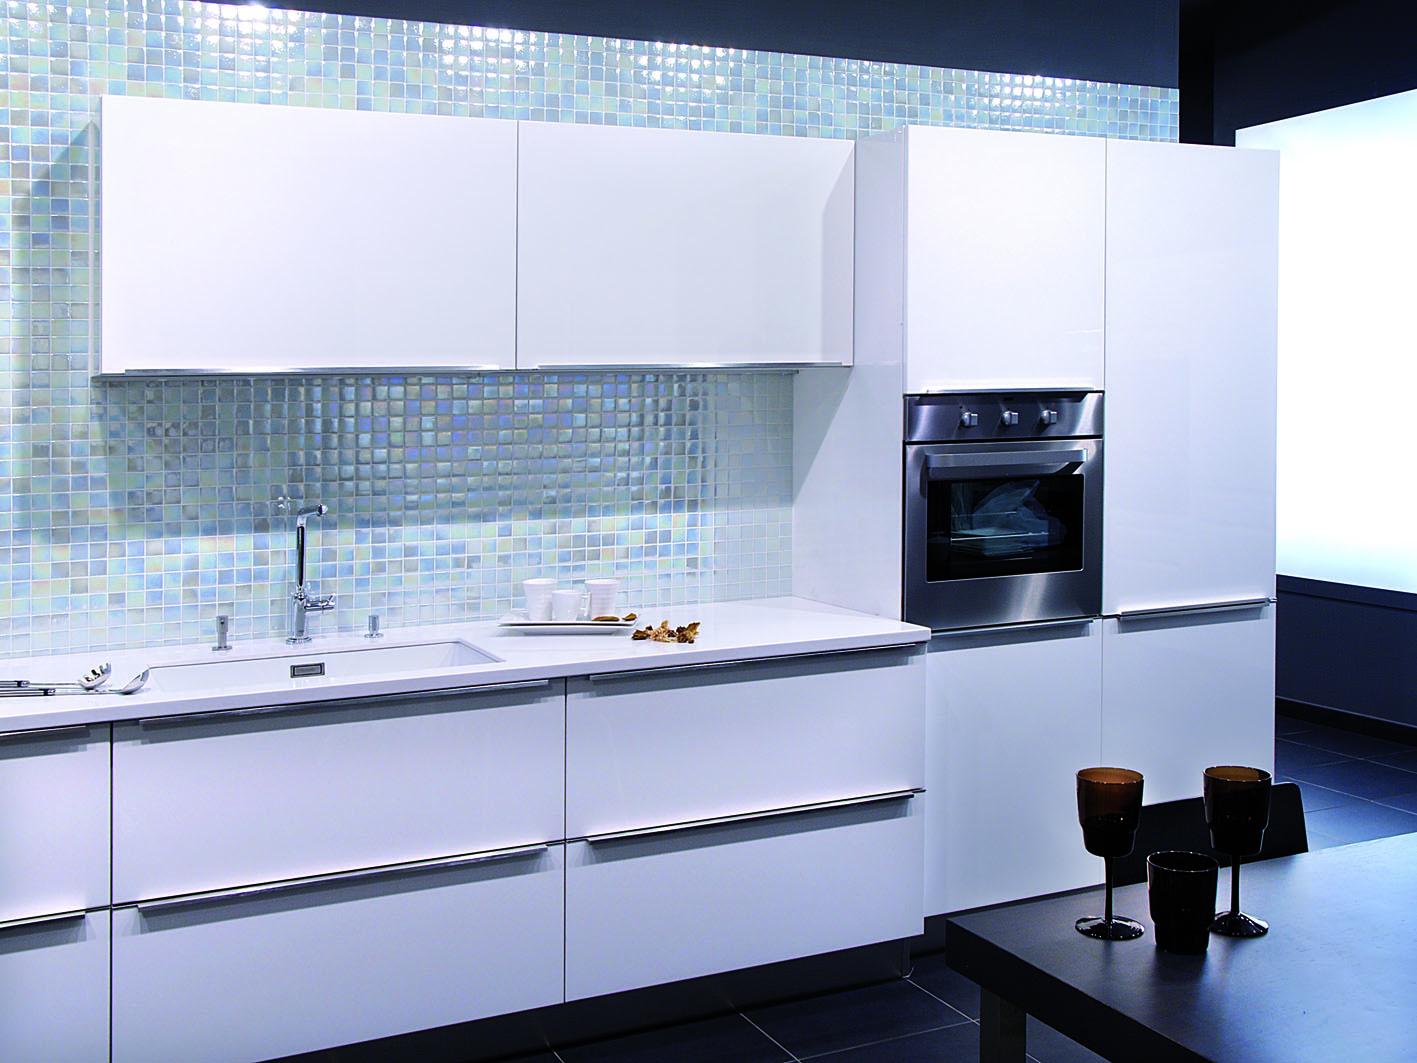 Decorar interiores hisbalit mosaico para una cocina de for Mosaico para cocina